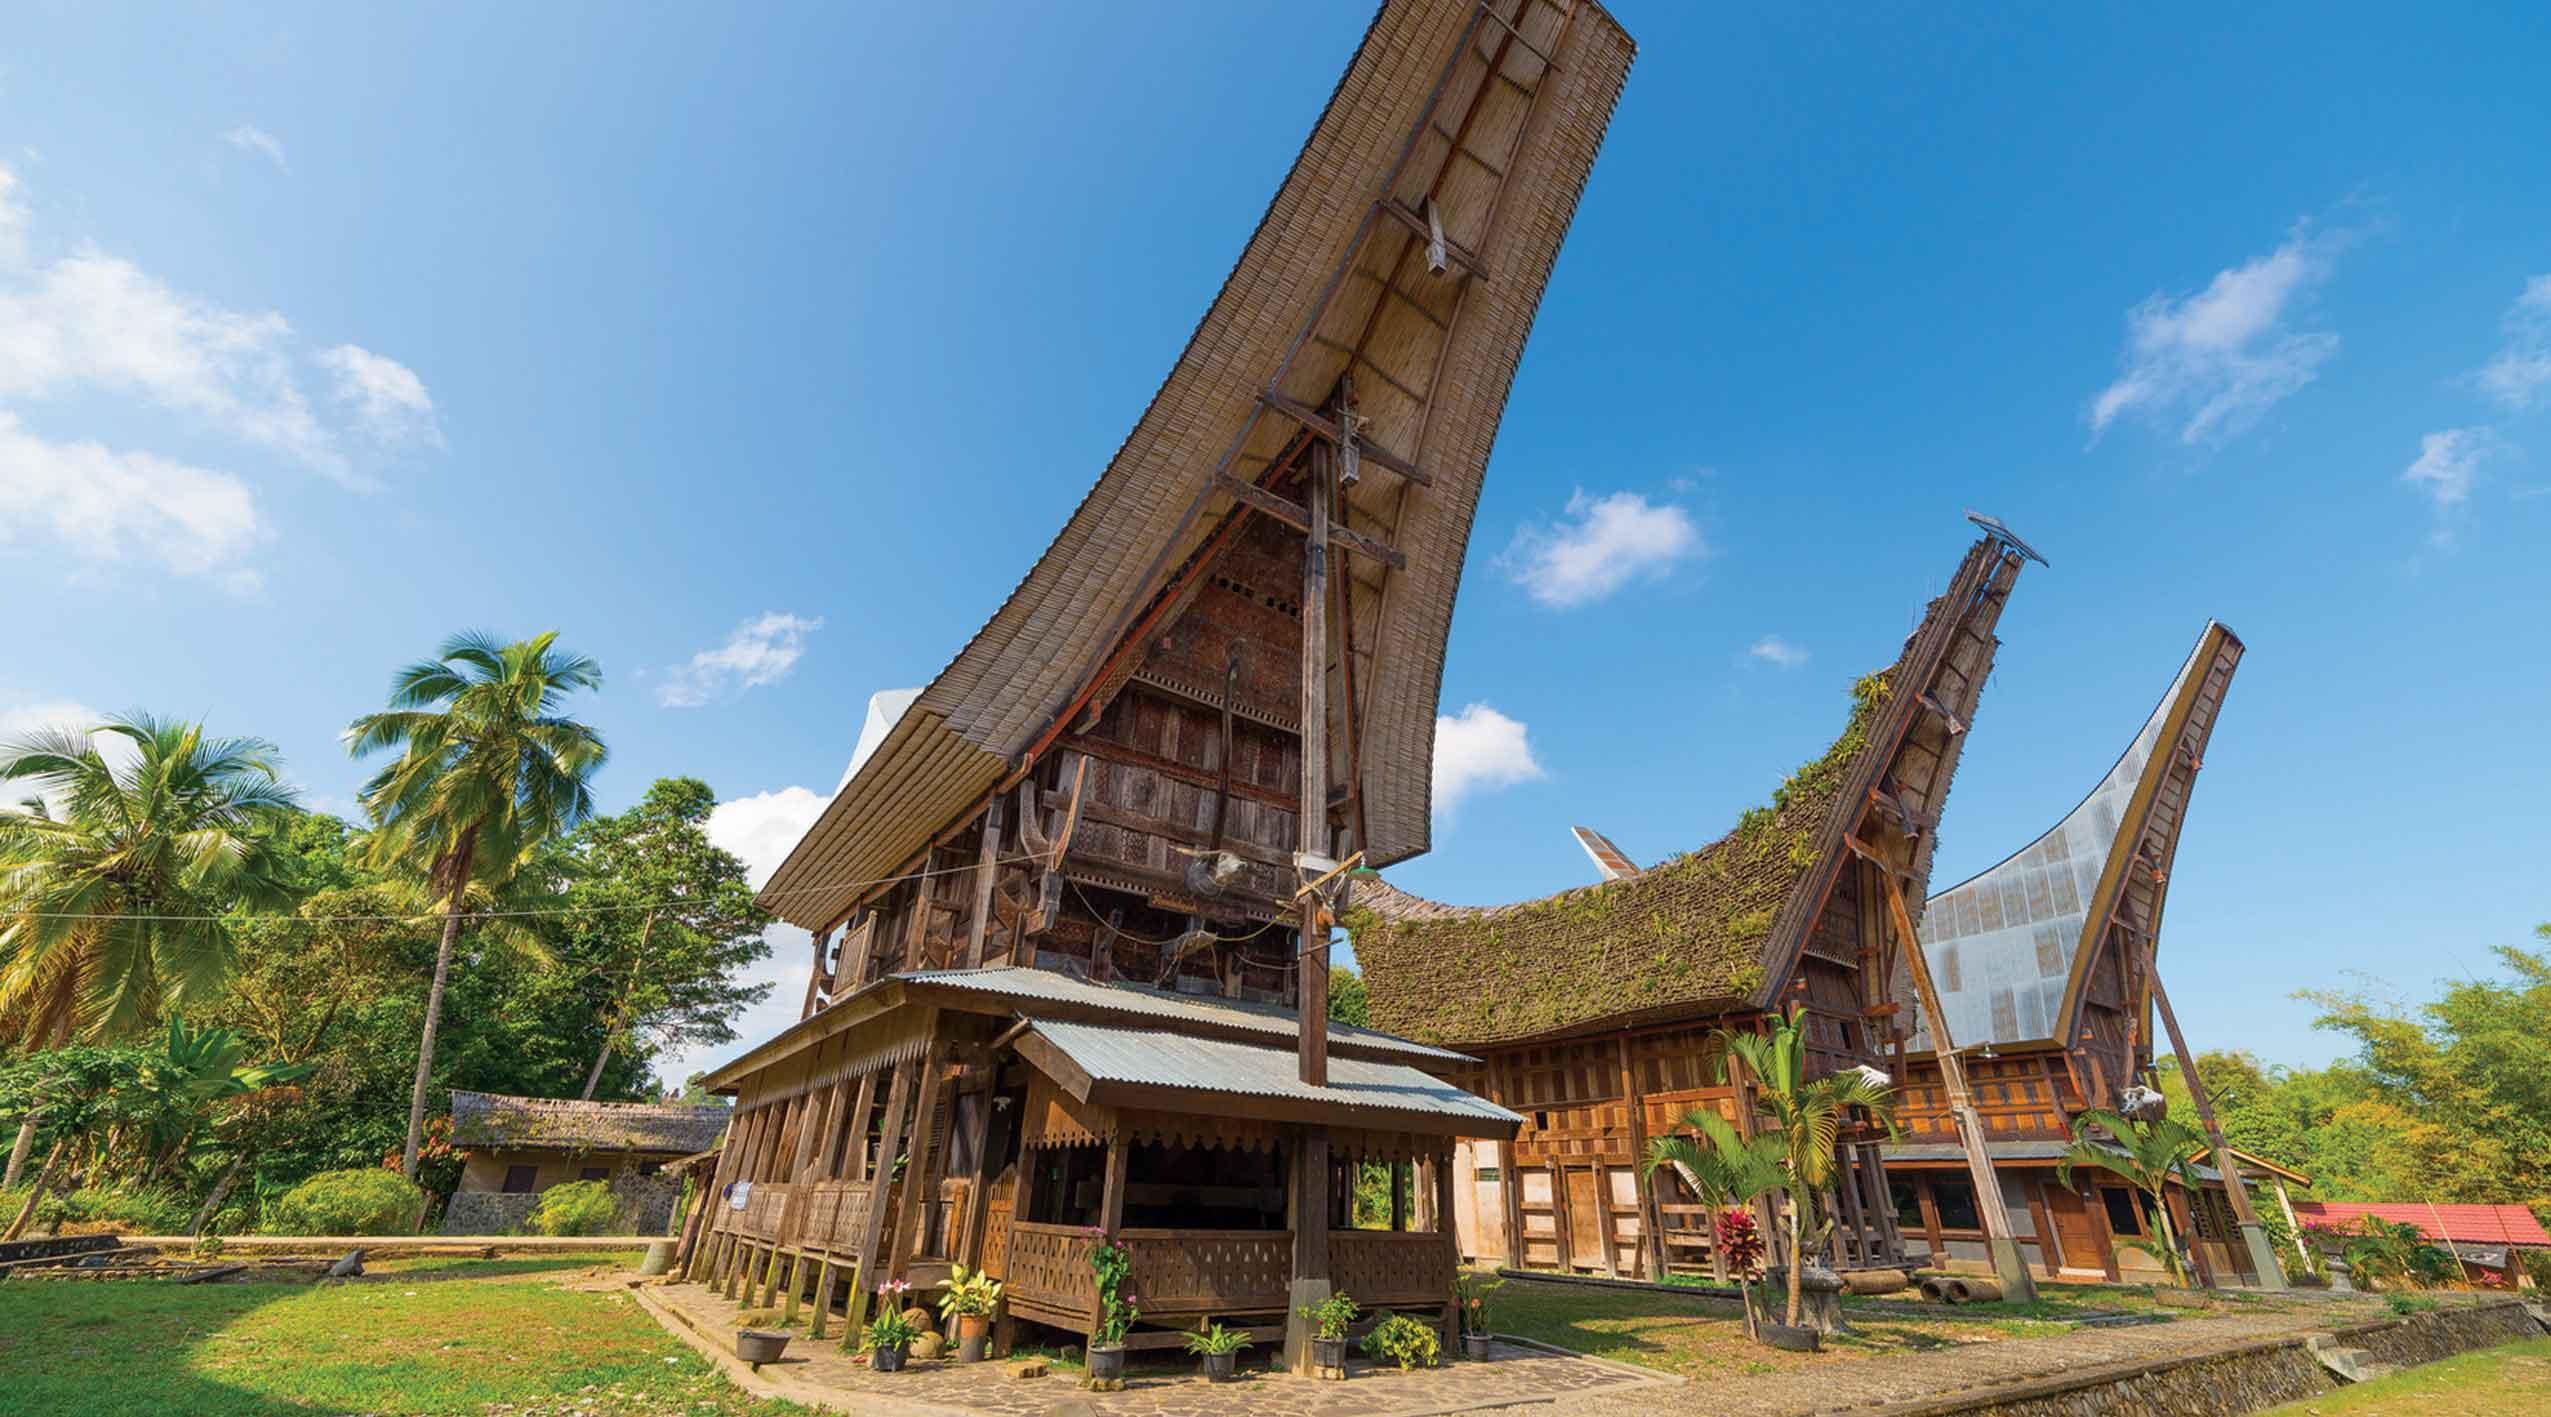 Indonezja – Aluk Todolo, czyli kult przodków